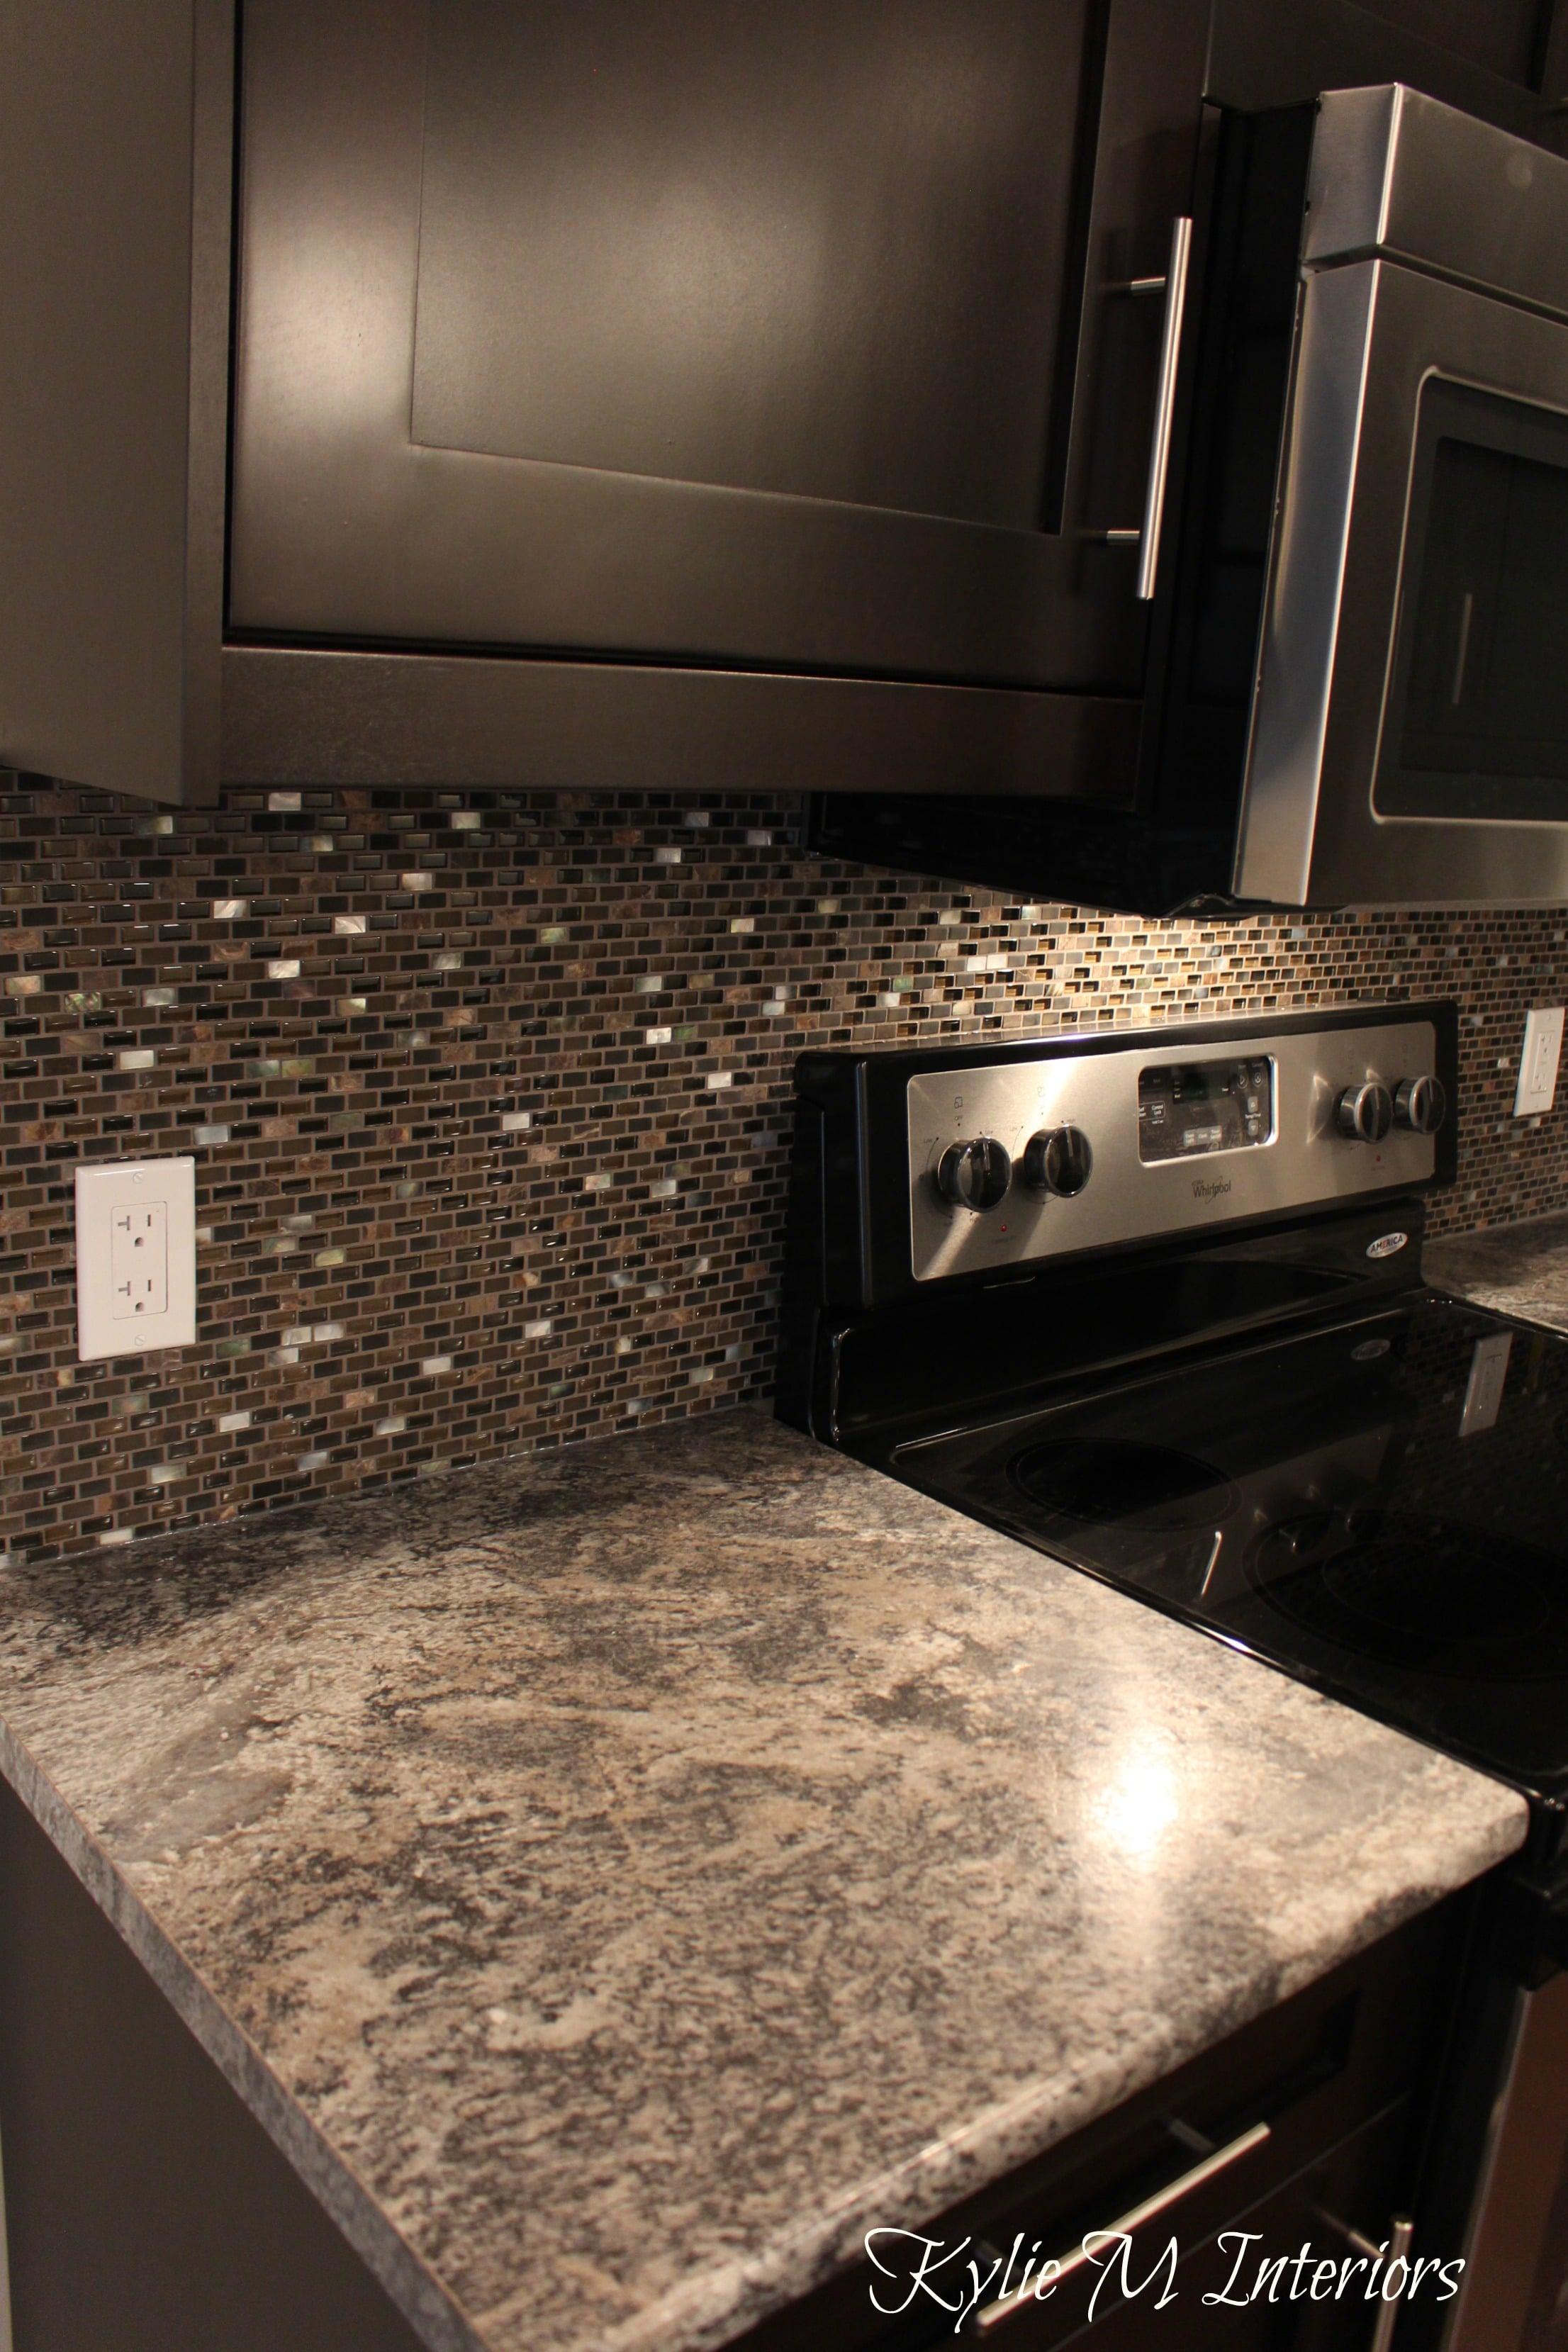 harold pionite laminate countertop, brown mosaic tile ... on Backsplash For Dark Countertops  id=38732